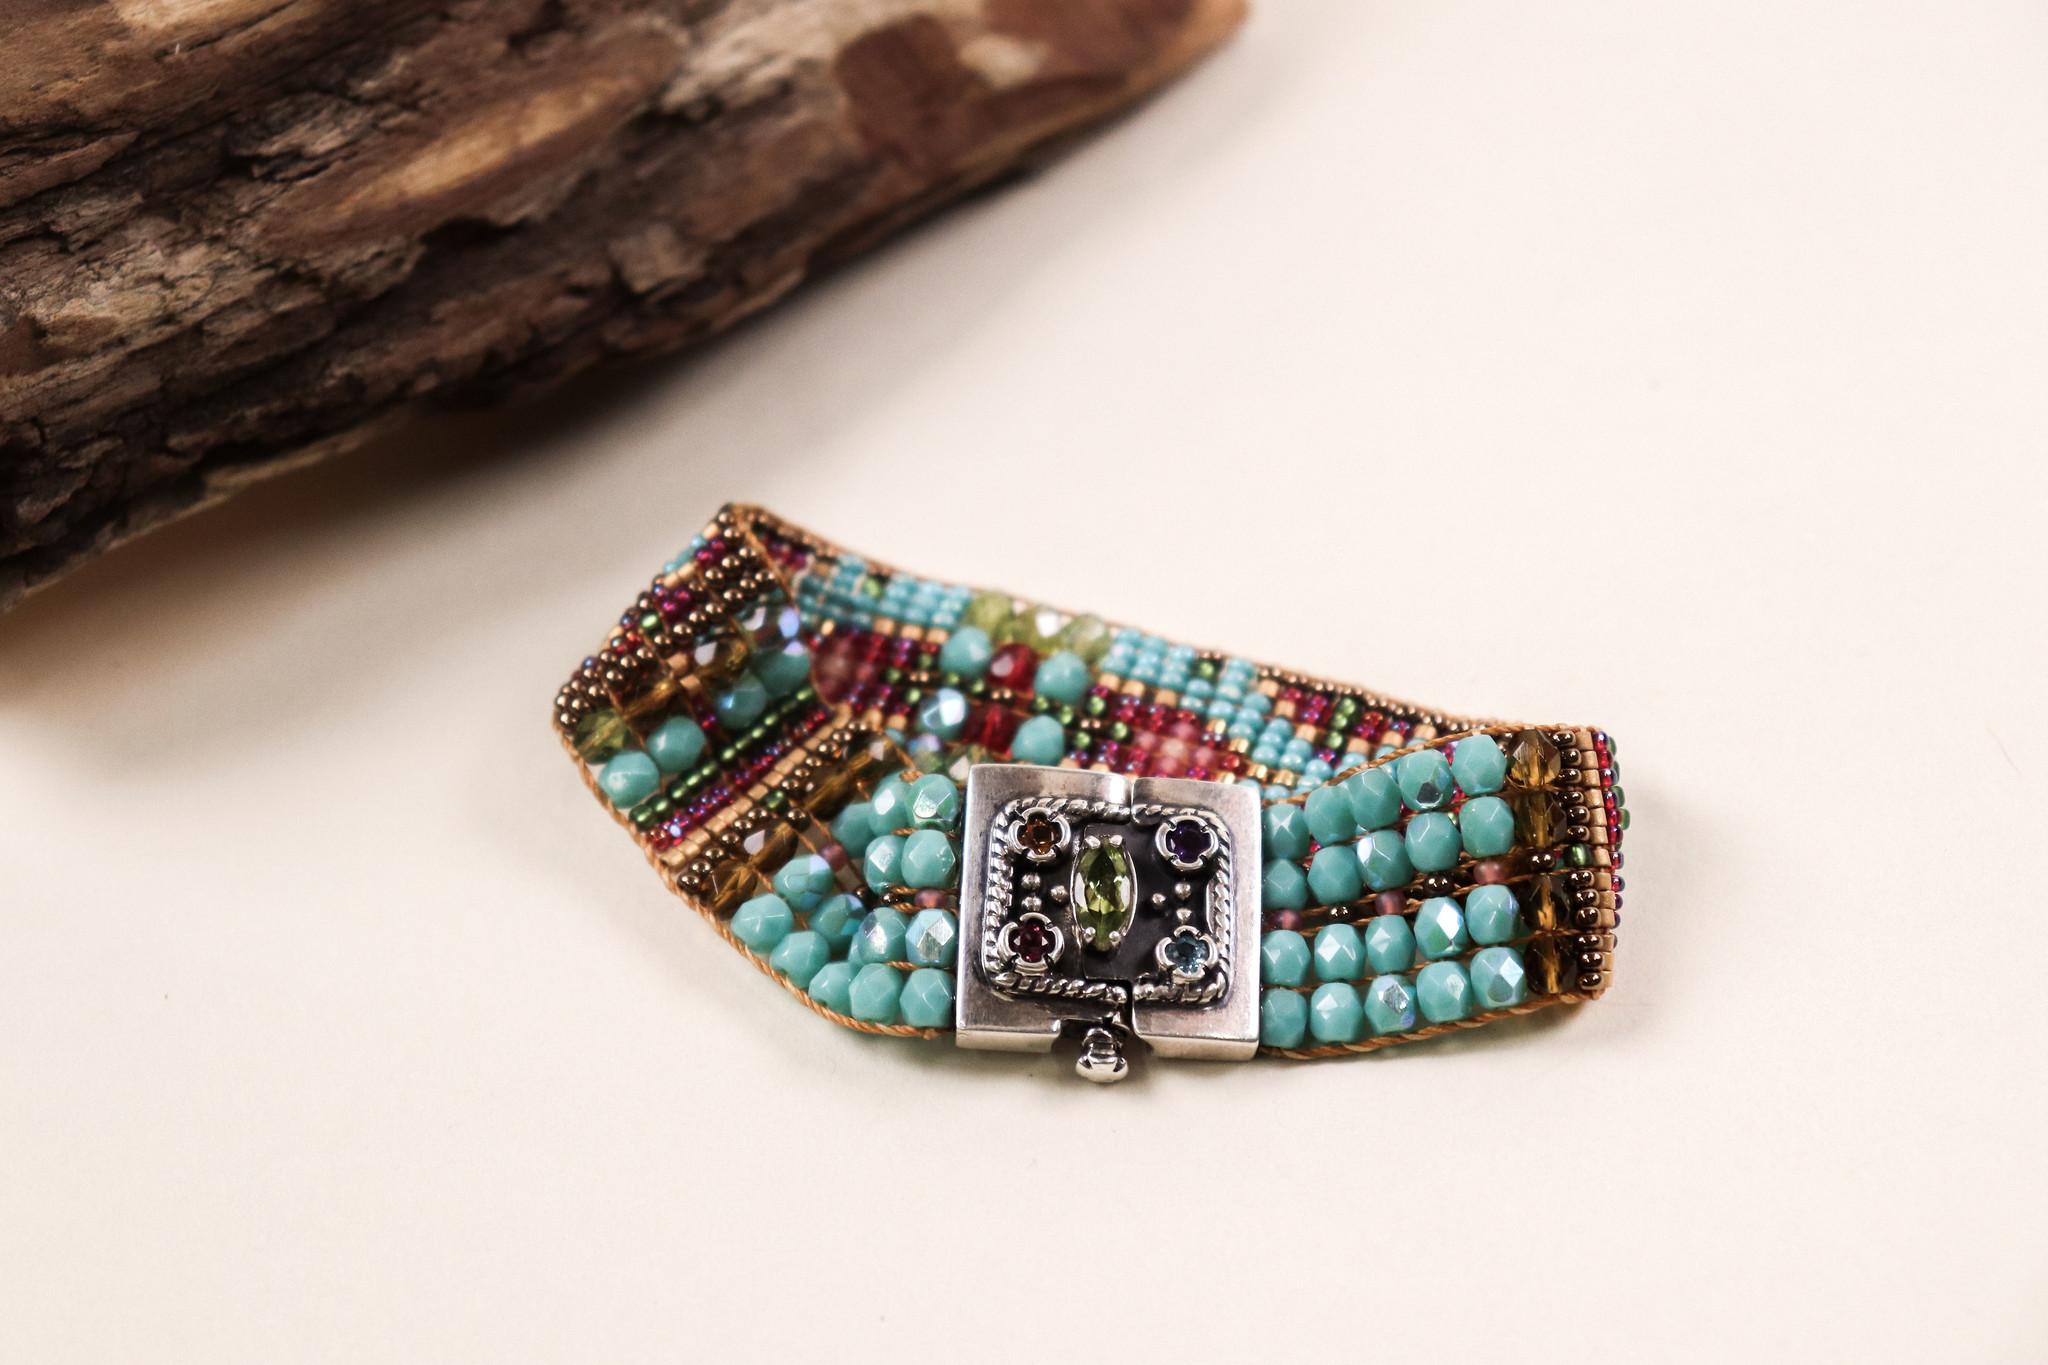 Peyote Bird Designs Chili Rose 5 Stone Clasp Bracelet